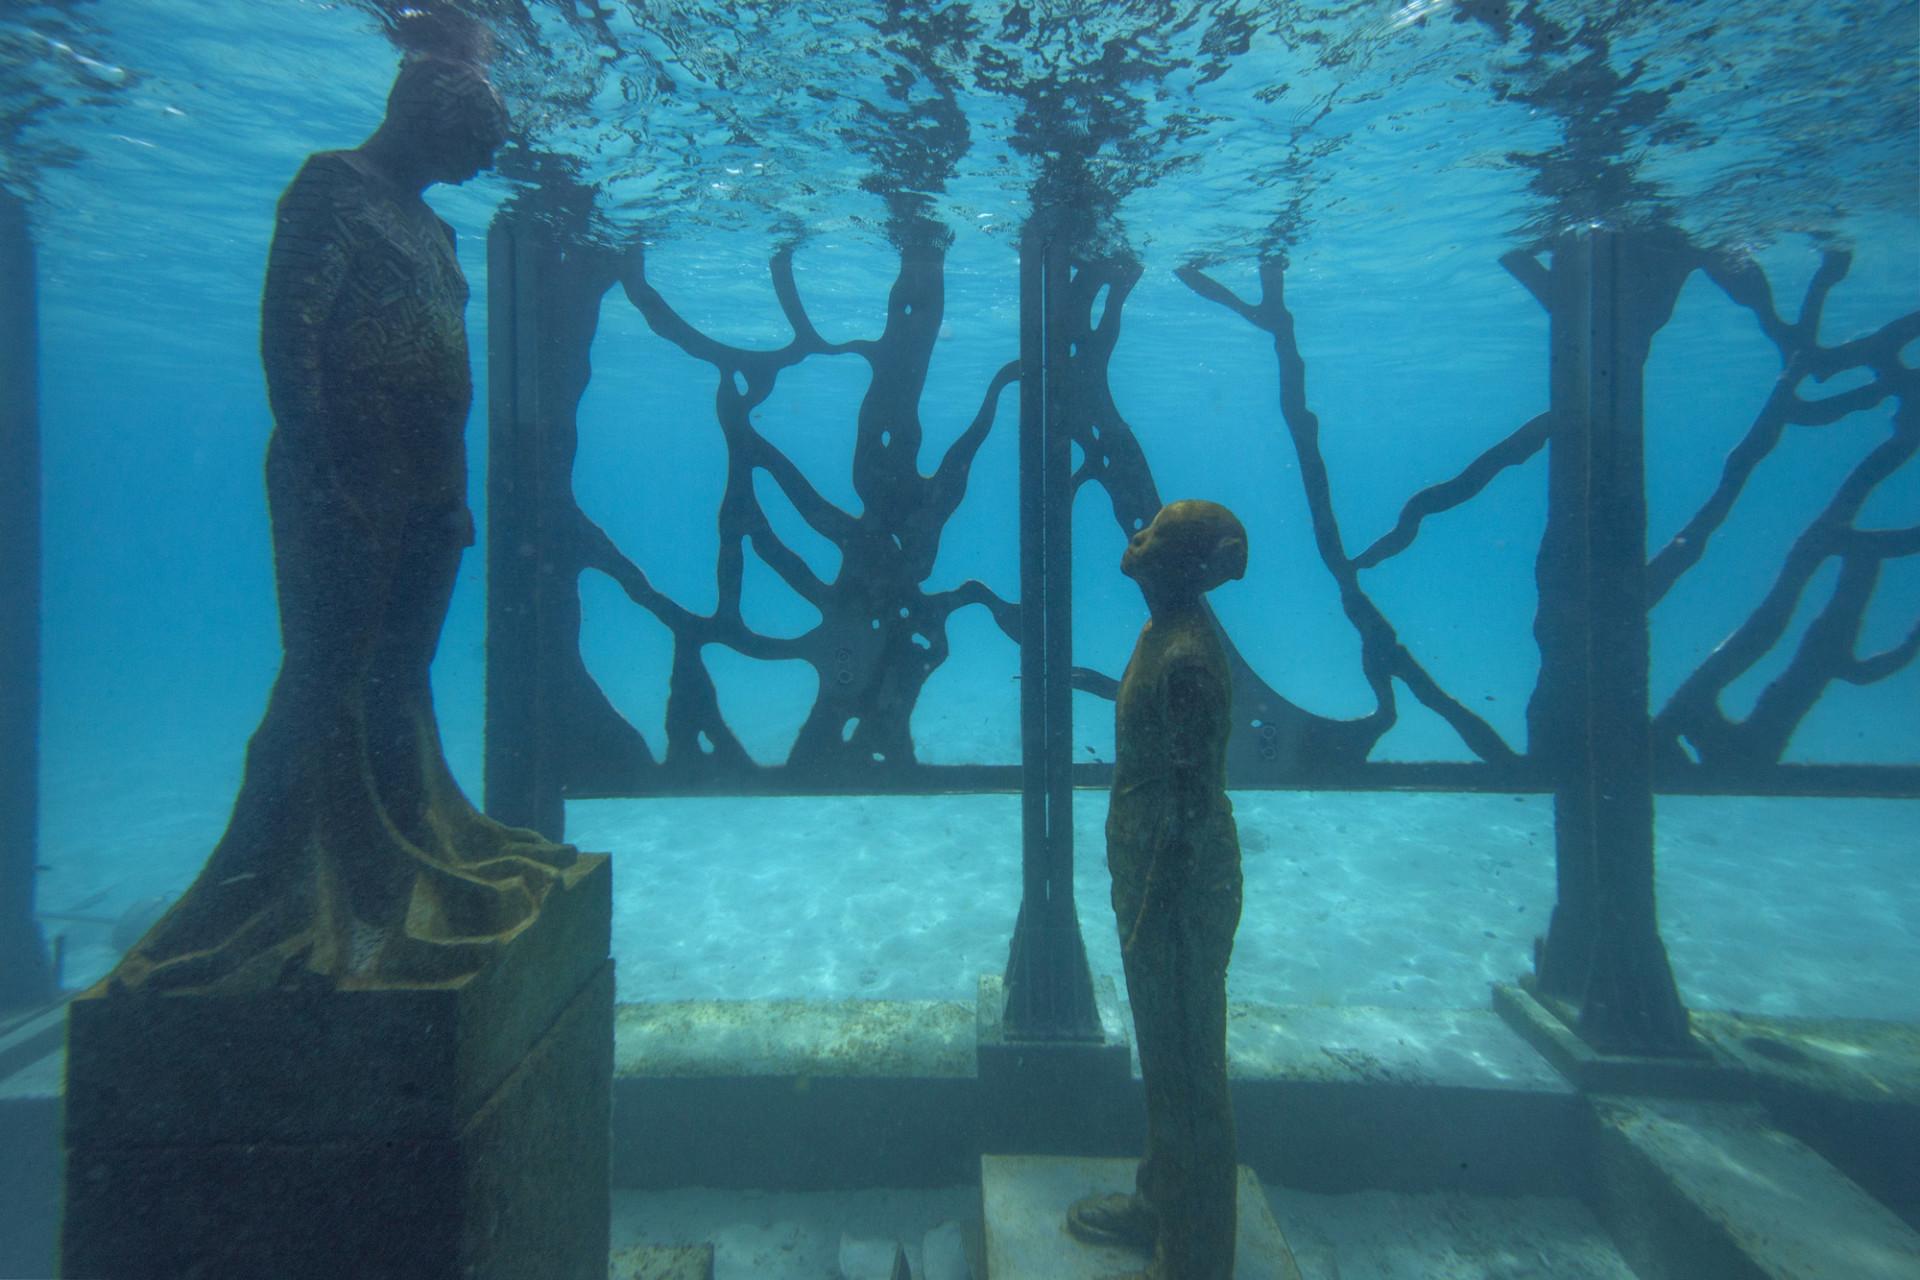 coralarium-2-960x640@2x.jpg